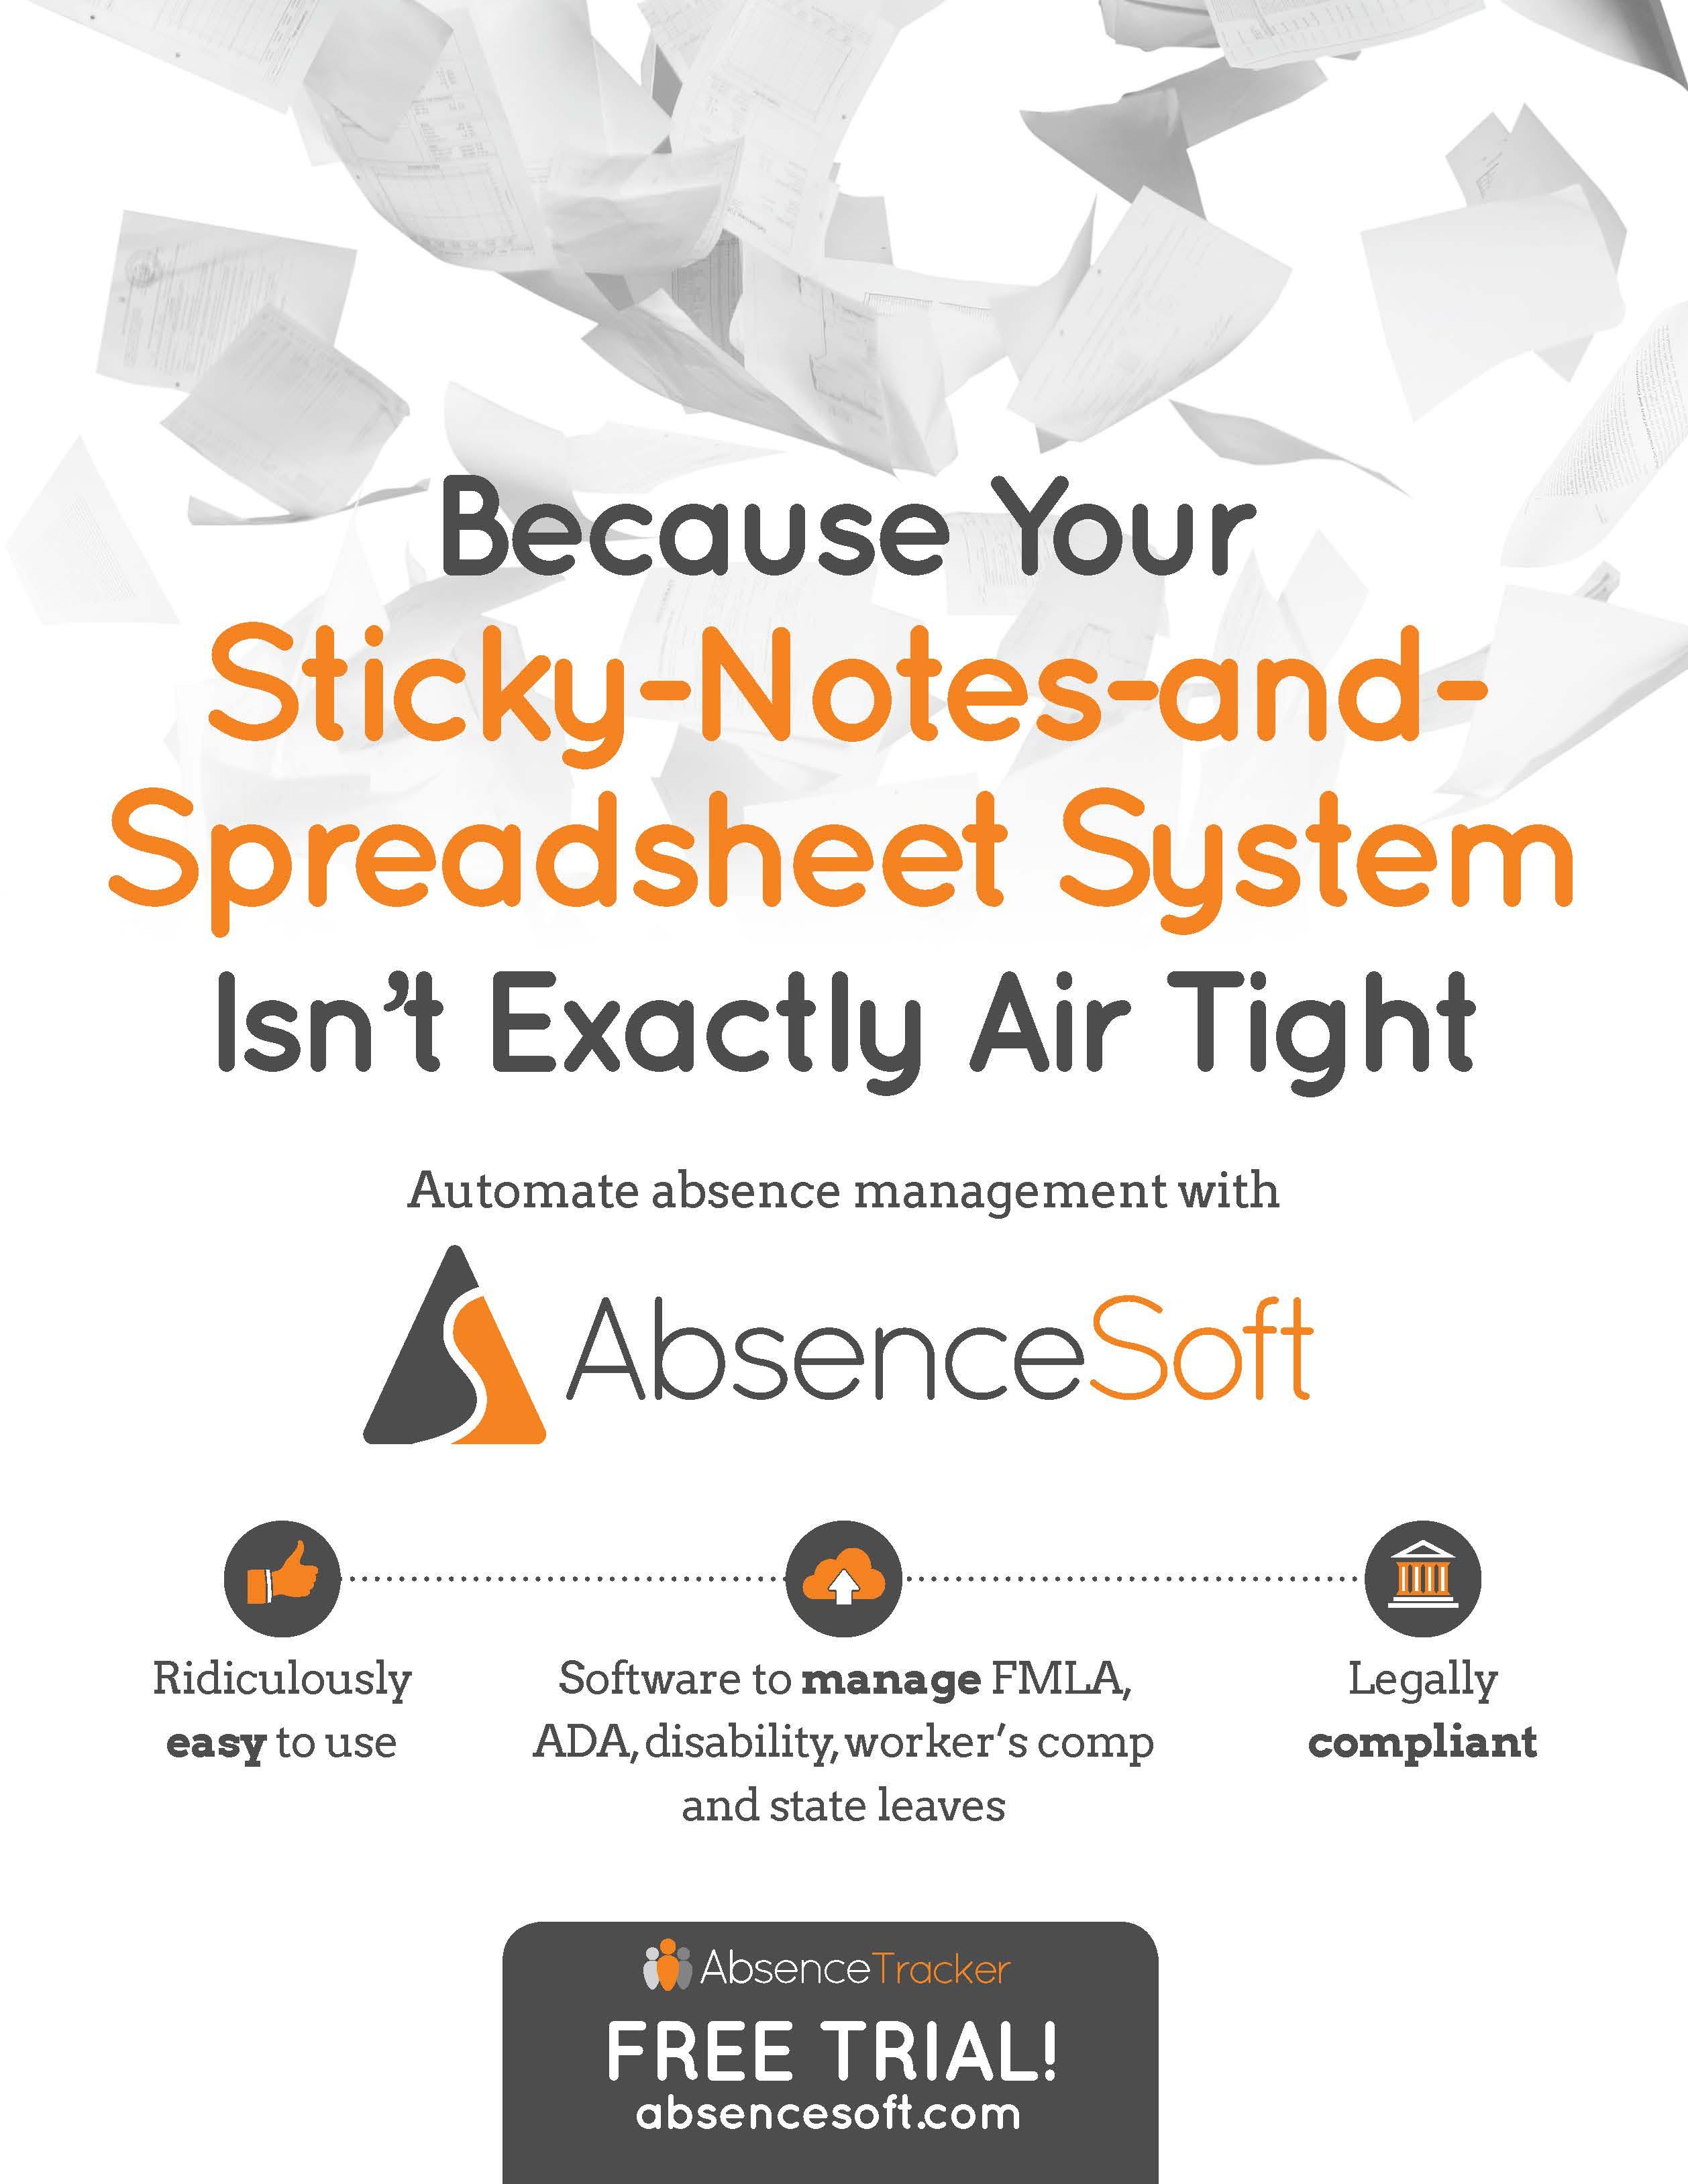 AbsenceSoft